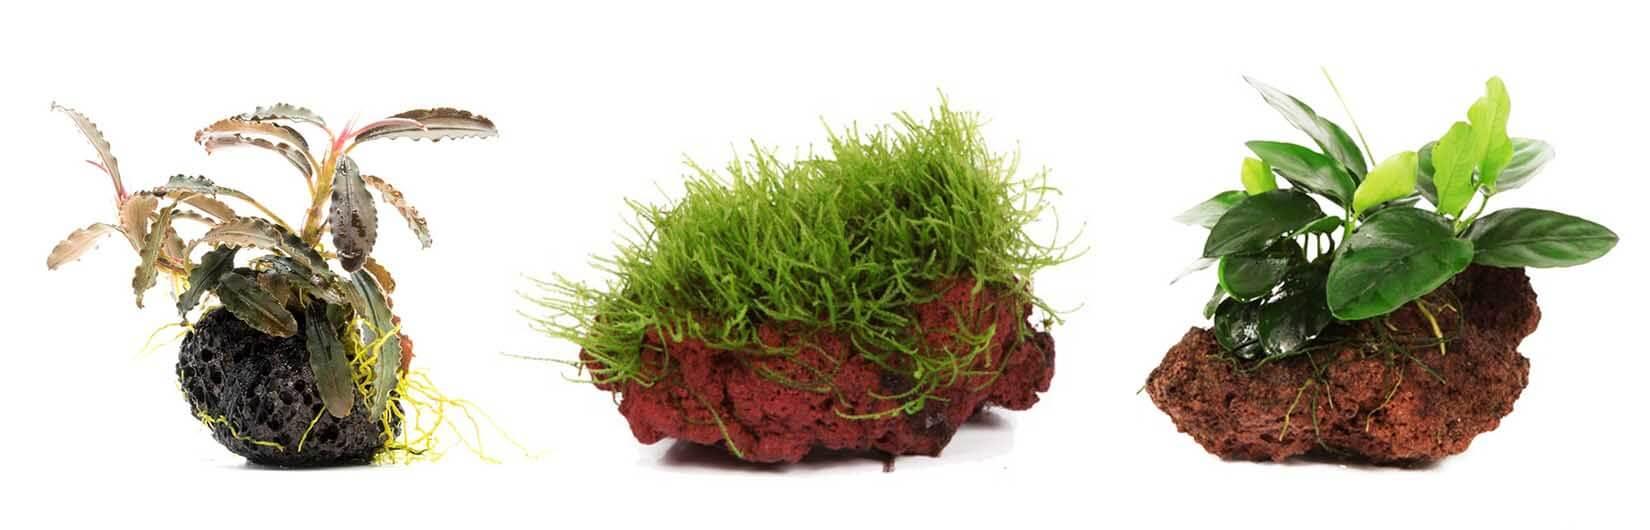 Аквариумные растения на лаве